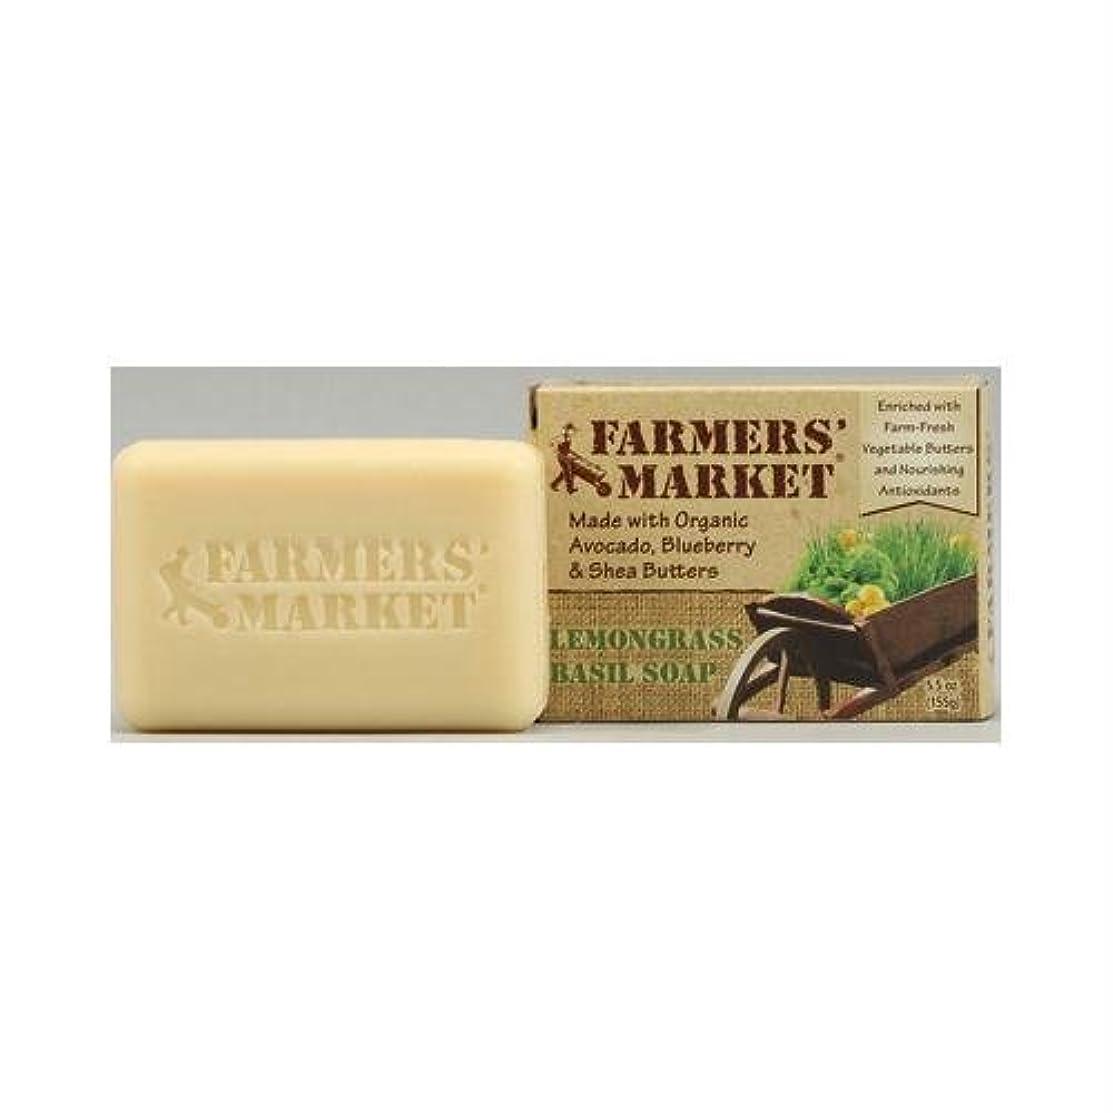 部族嫌なカメラNatural Bar Soap Lemongrass Basil - 5.5 oz by Farmer's Market